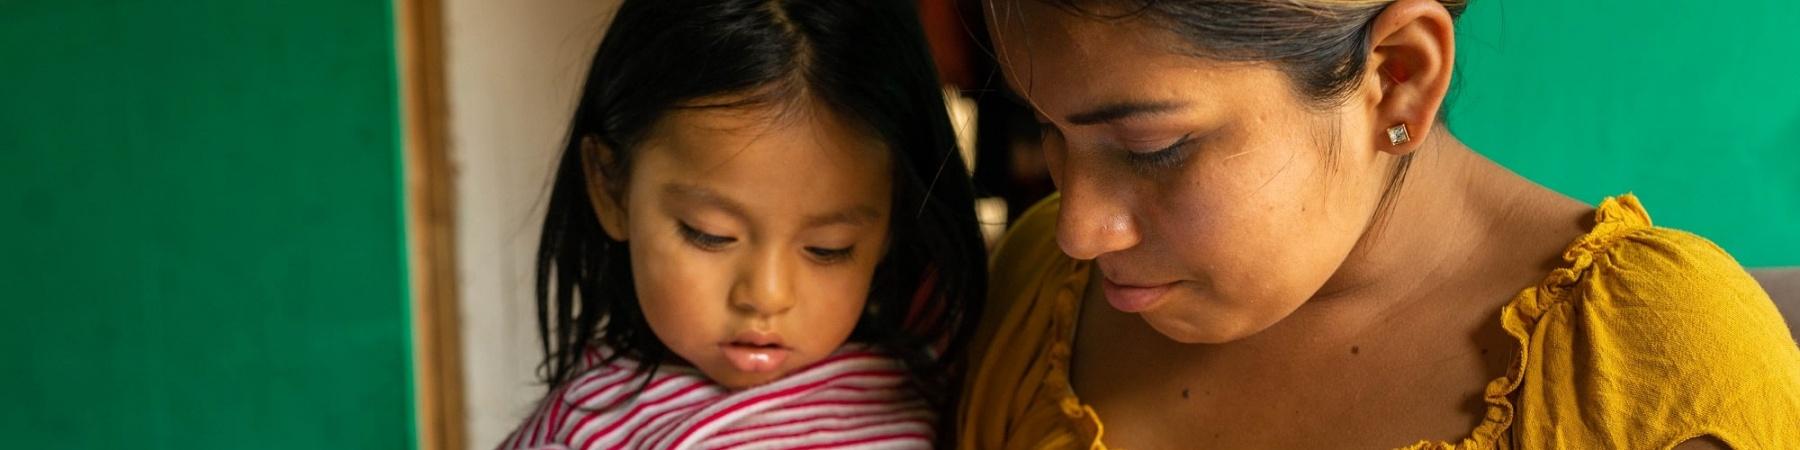 bimba in braccio alla madre mentre colorano insieme un libro da colorare per bambini